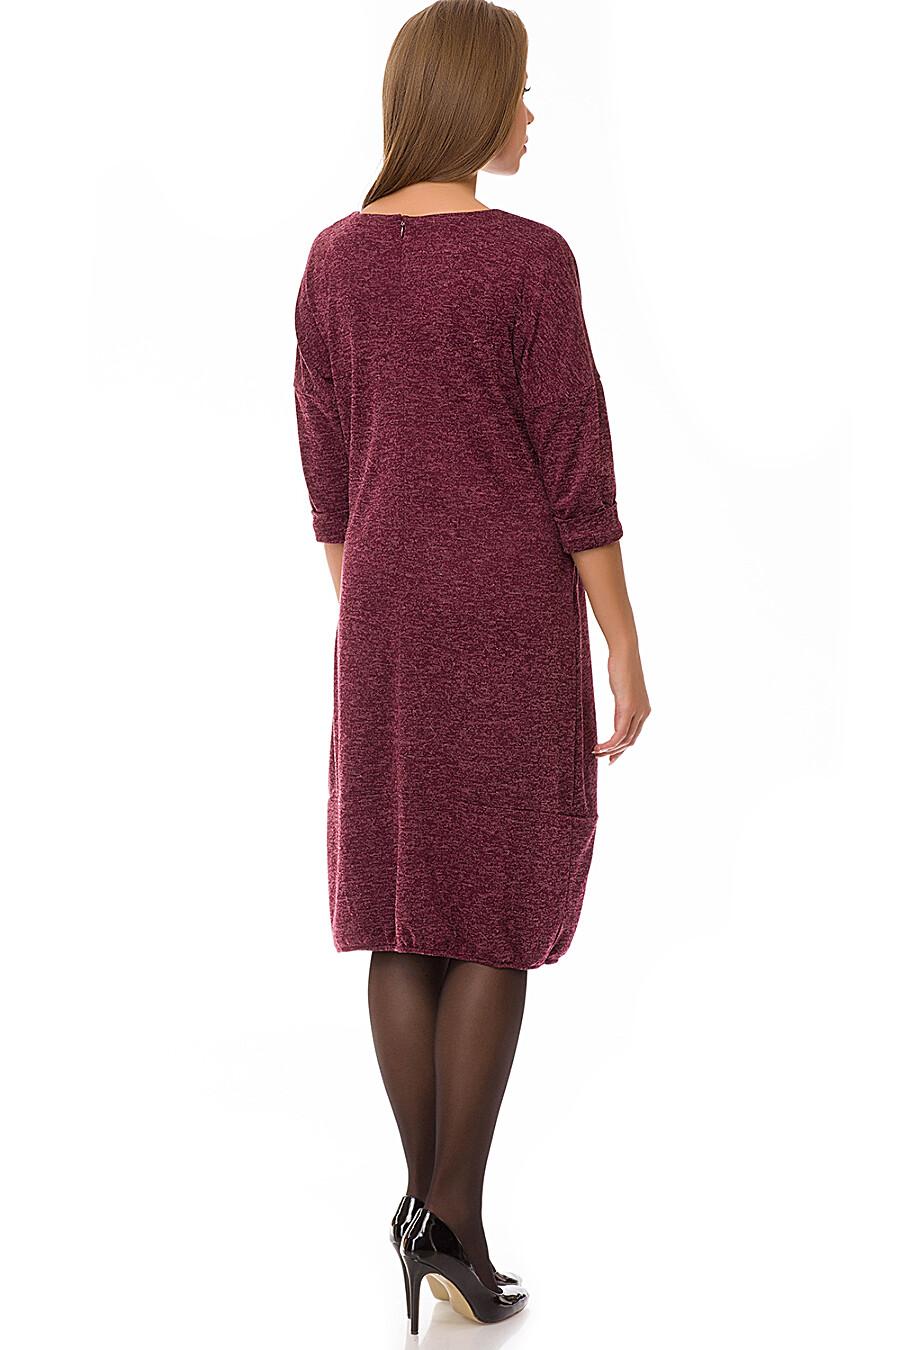 Платье #72281